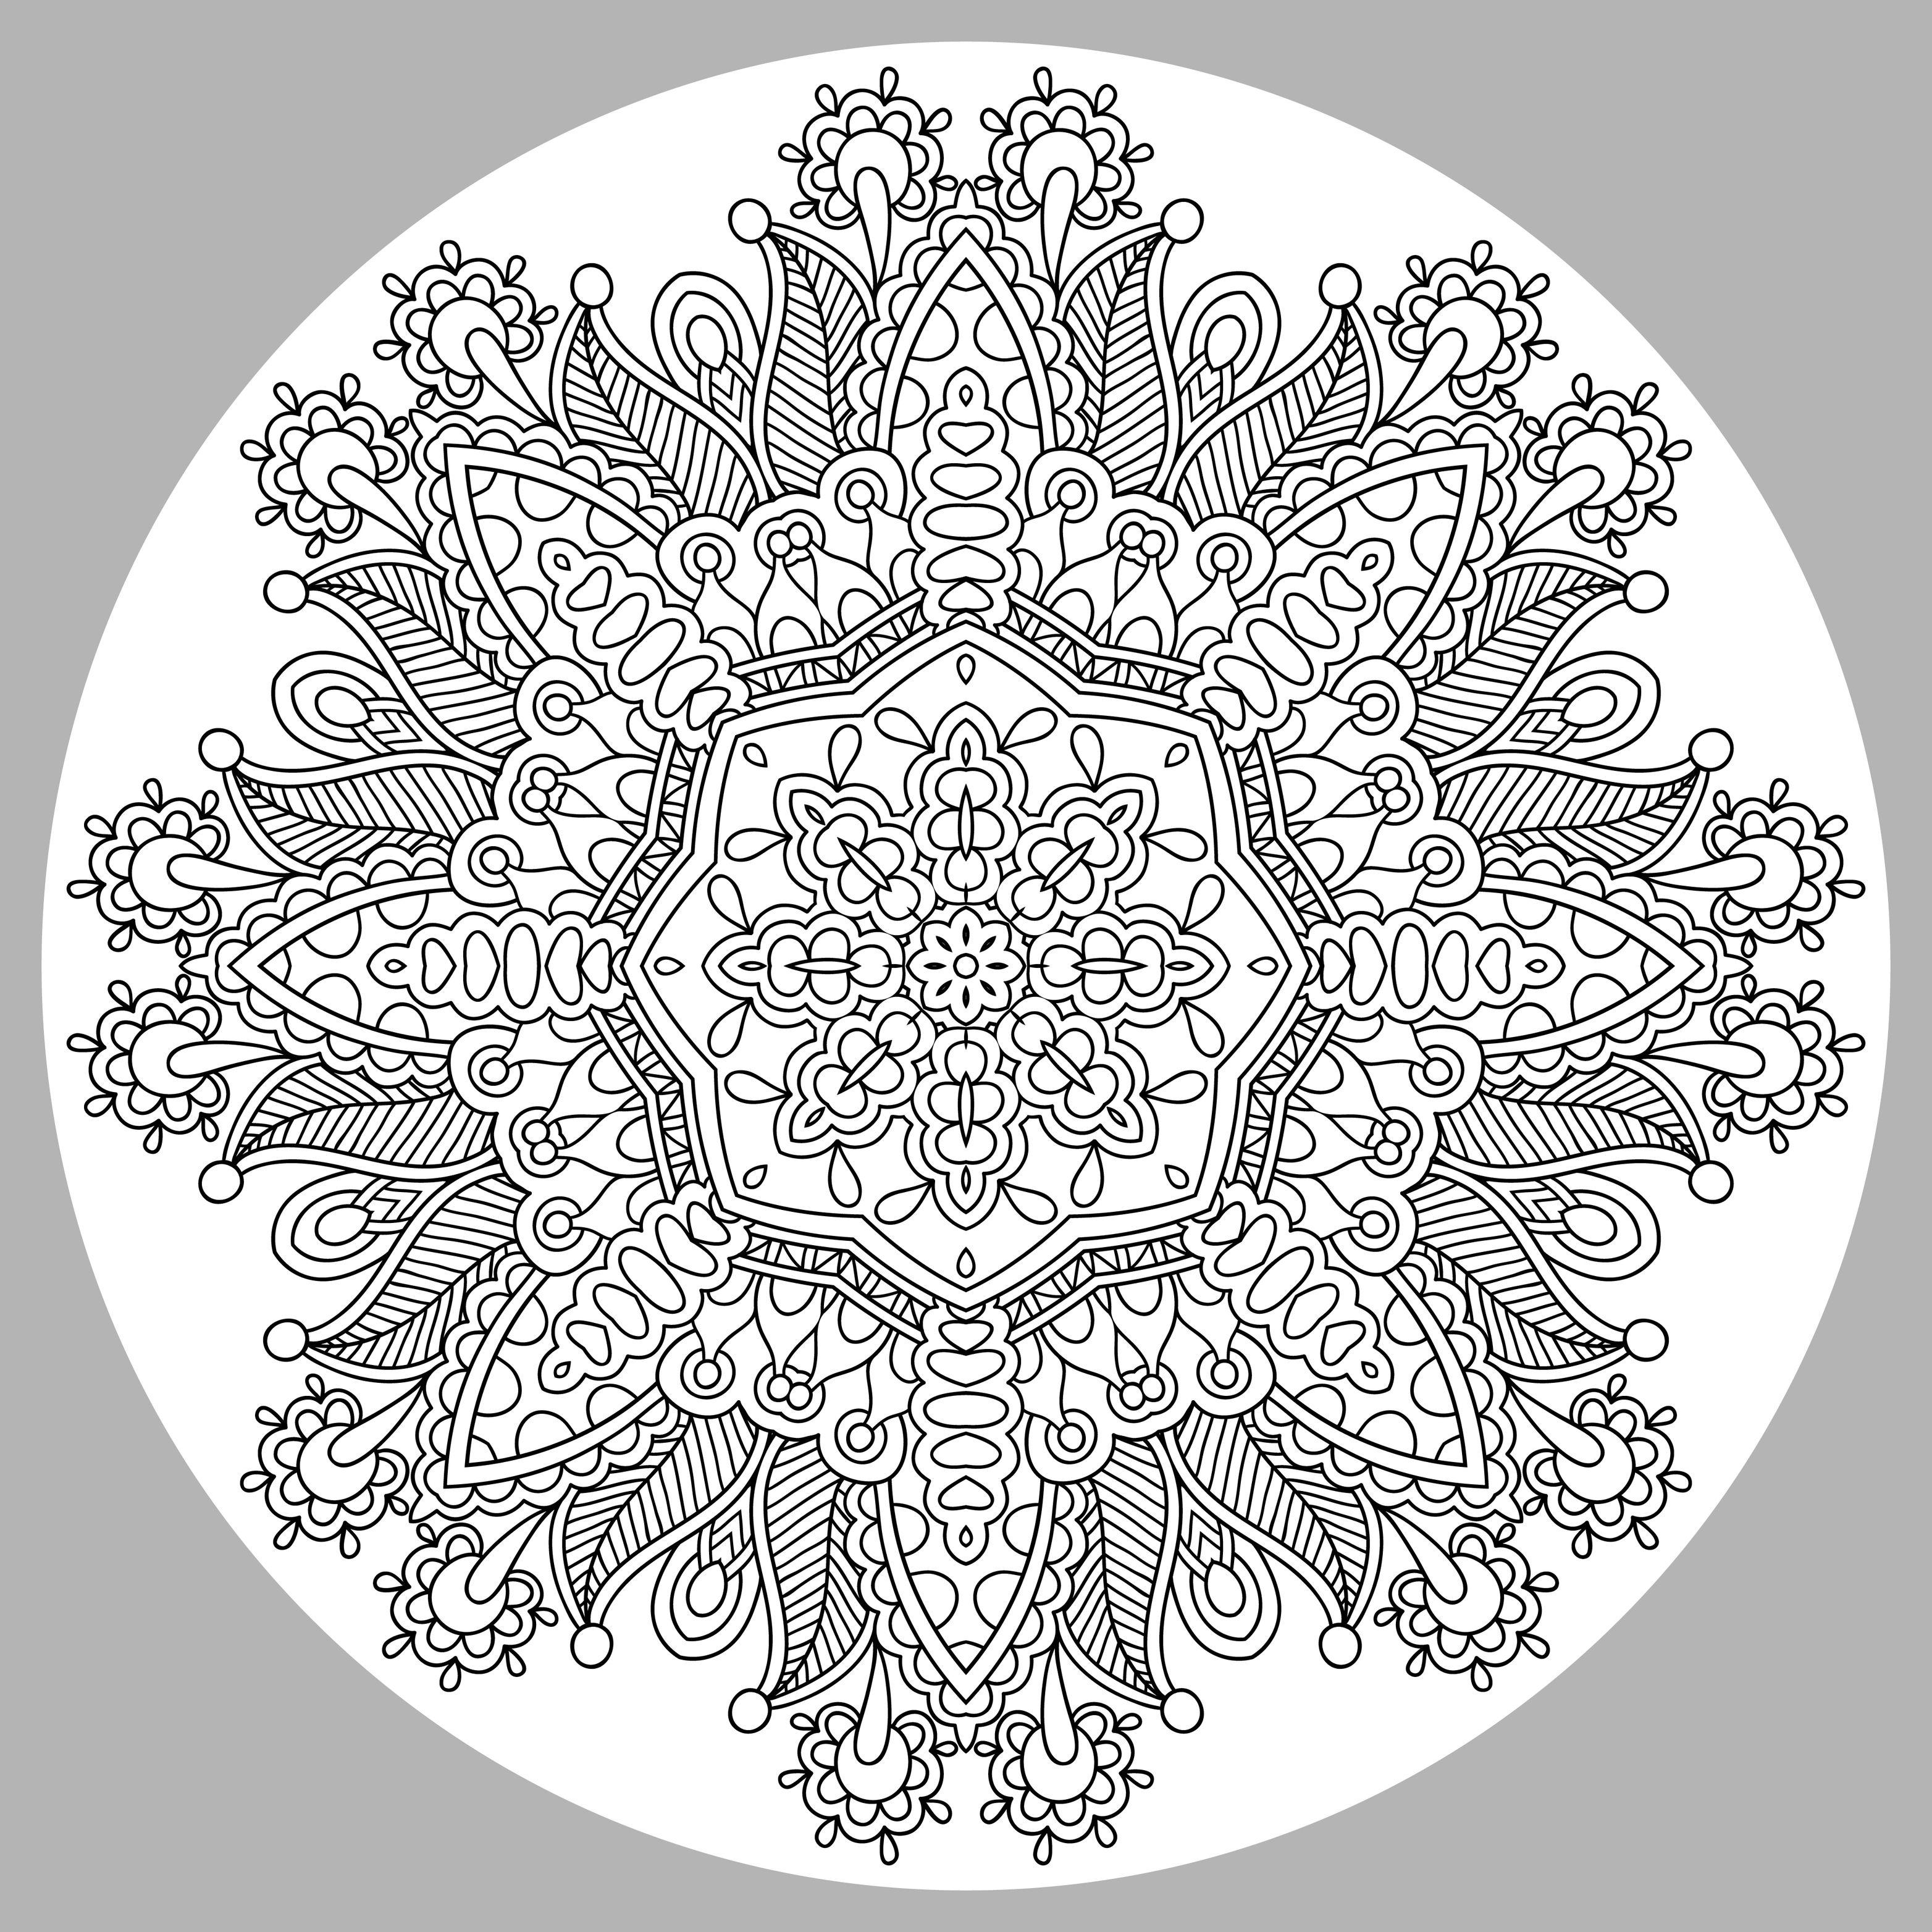 Disegni da colorare per adulti : Mandalas - 76